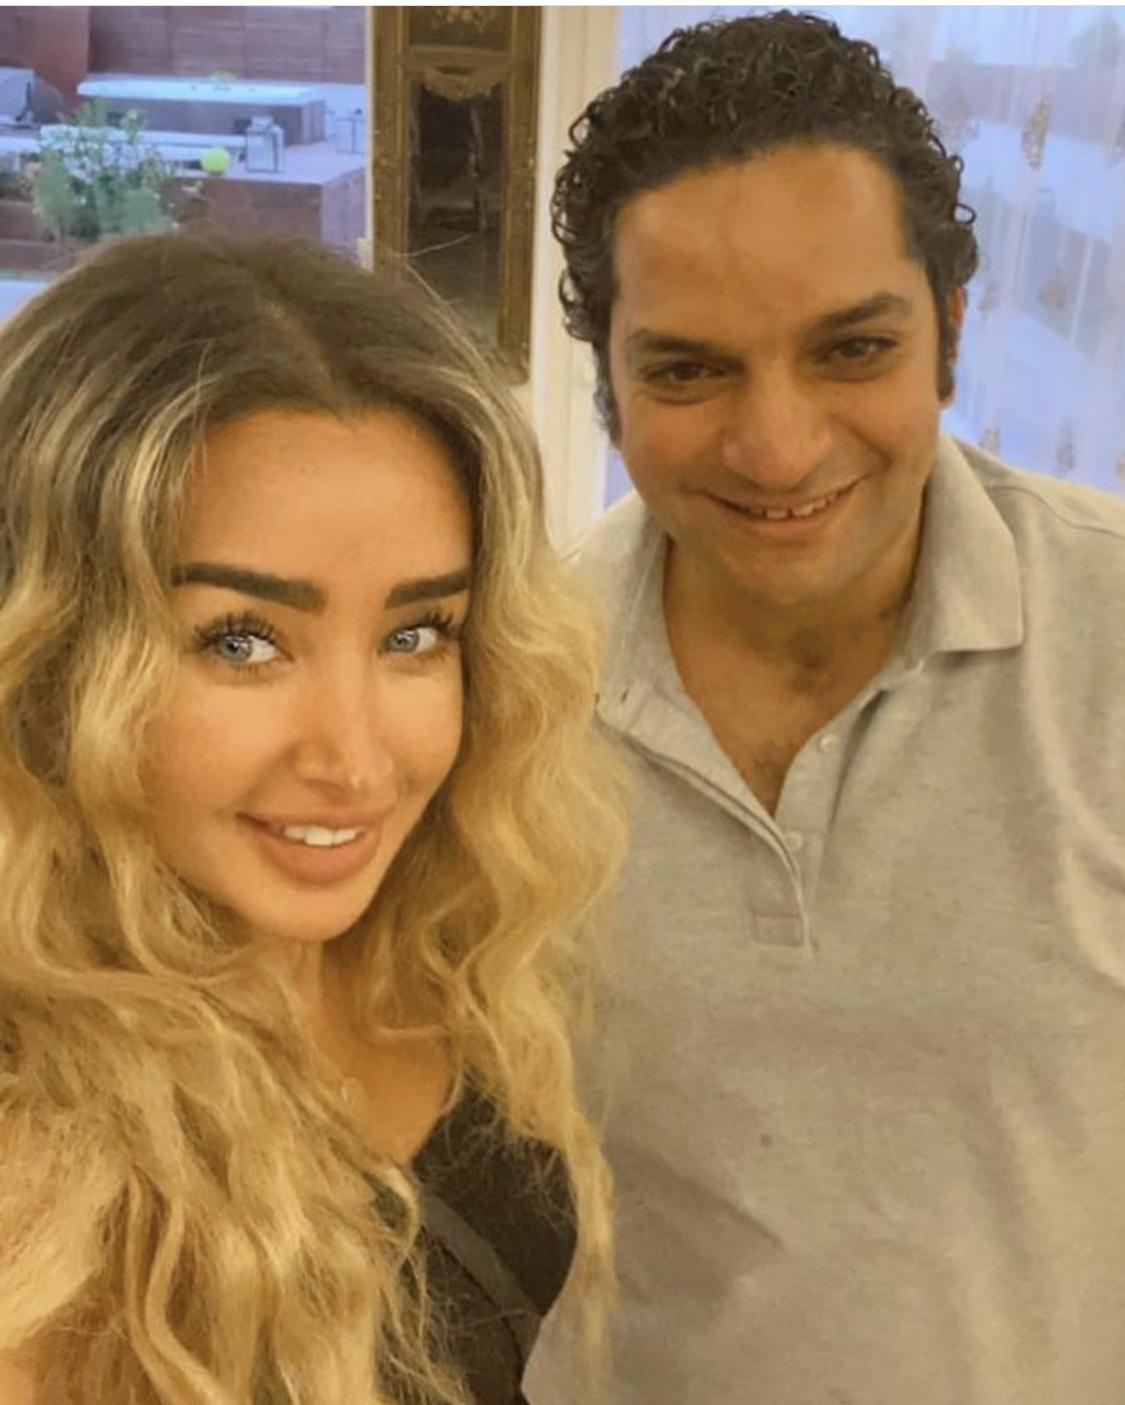 كريم ابوذكري ; 8 مؤلفين لأول بطولة درامية للنجمة هنا الزاهد